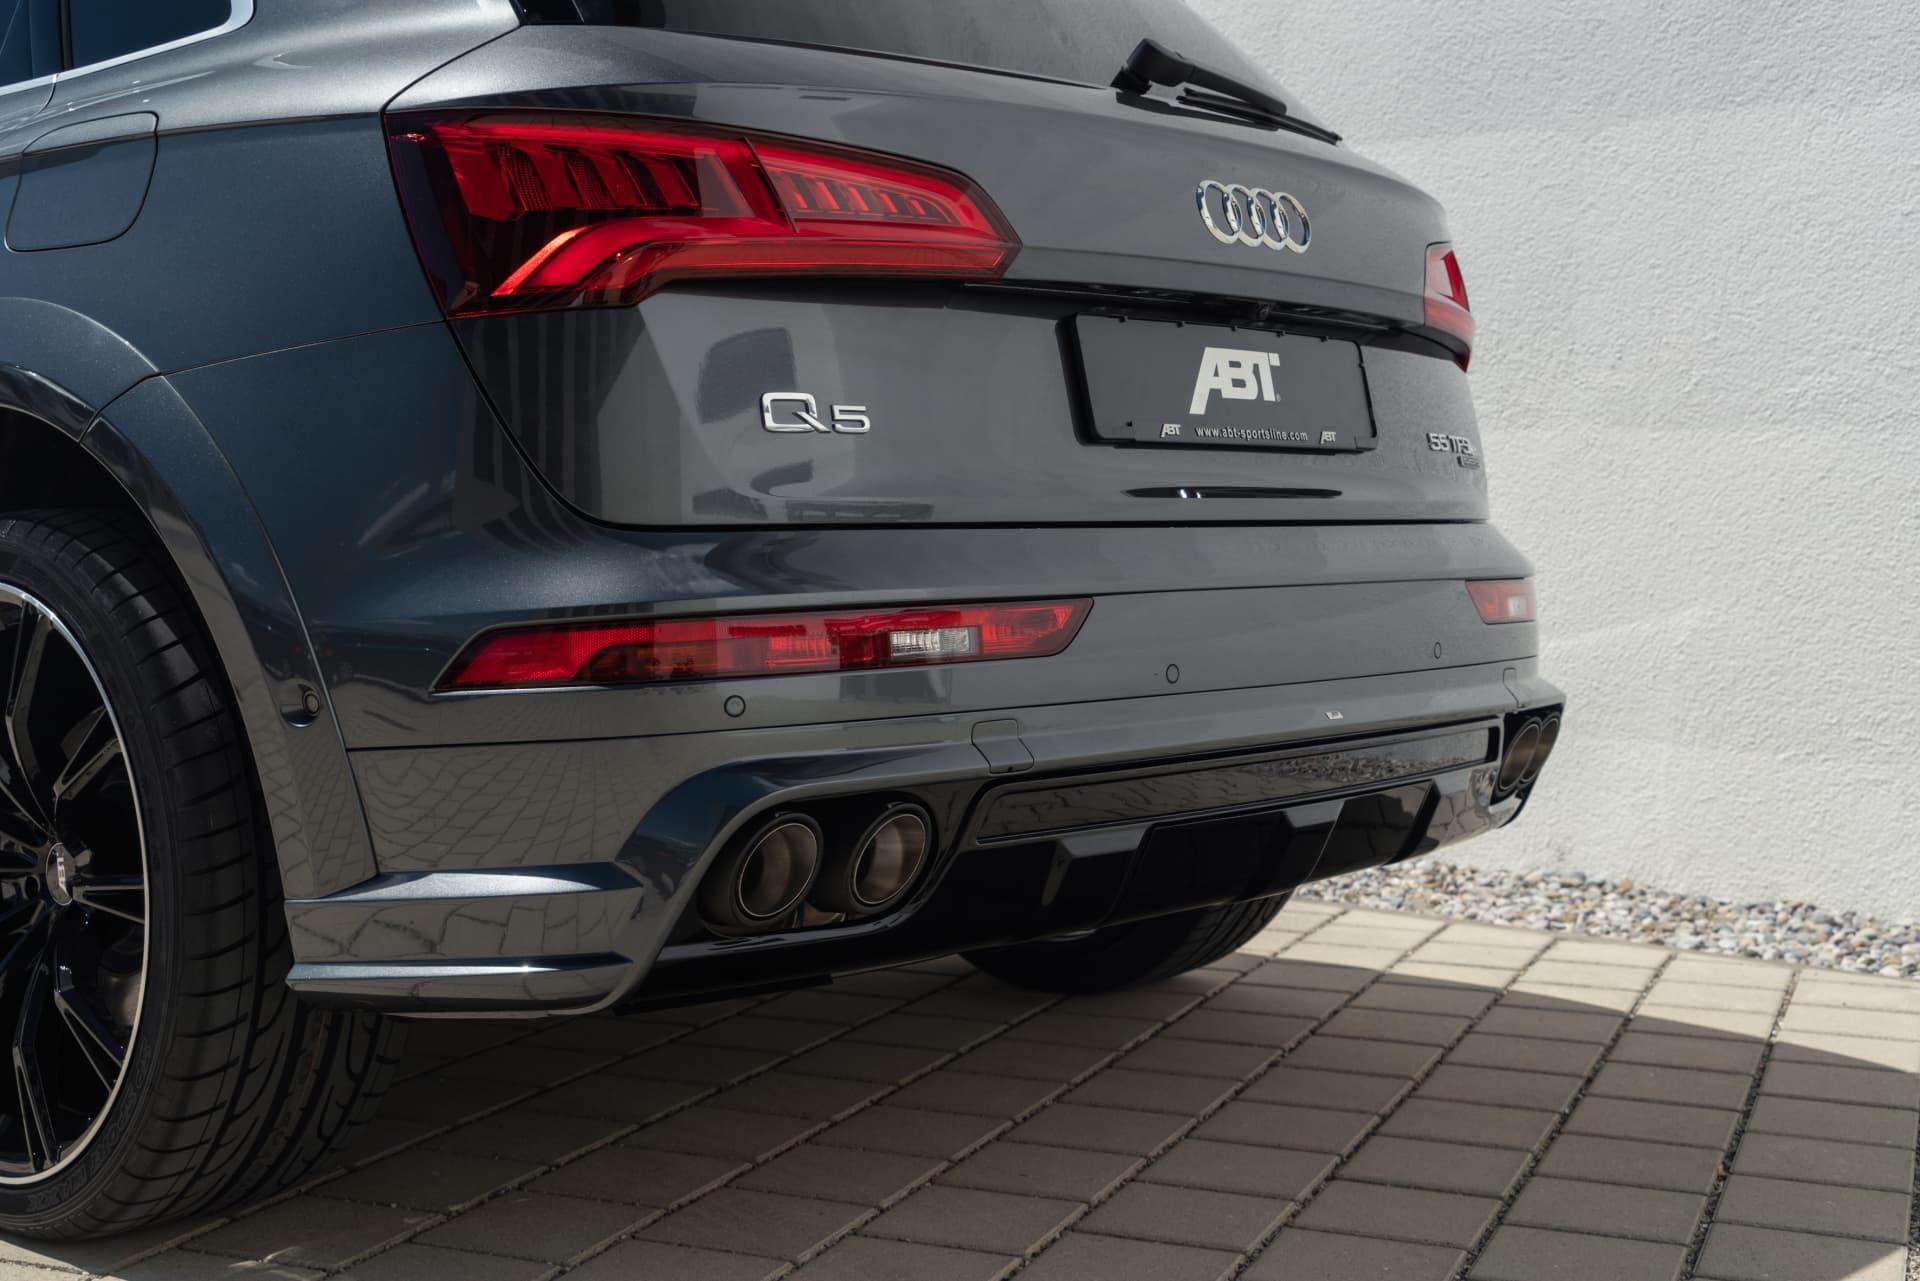 Audi Q5 Tfsie Abt 06